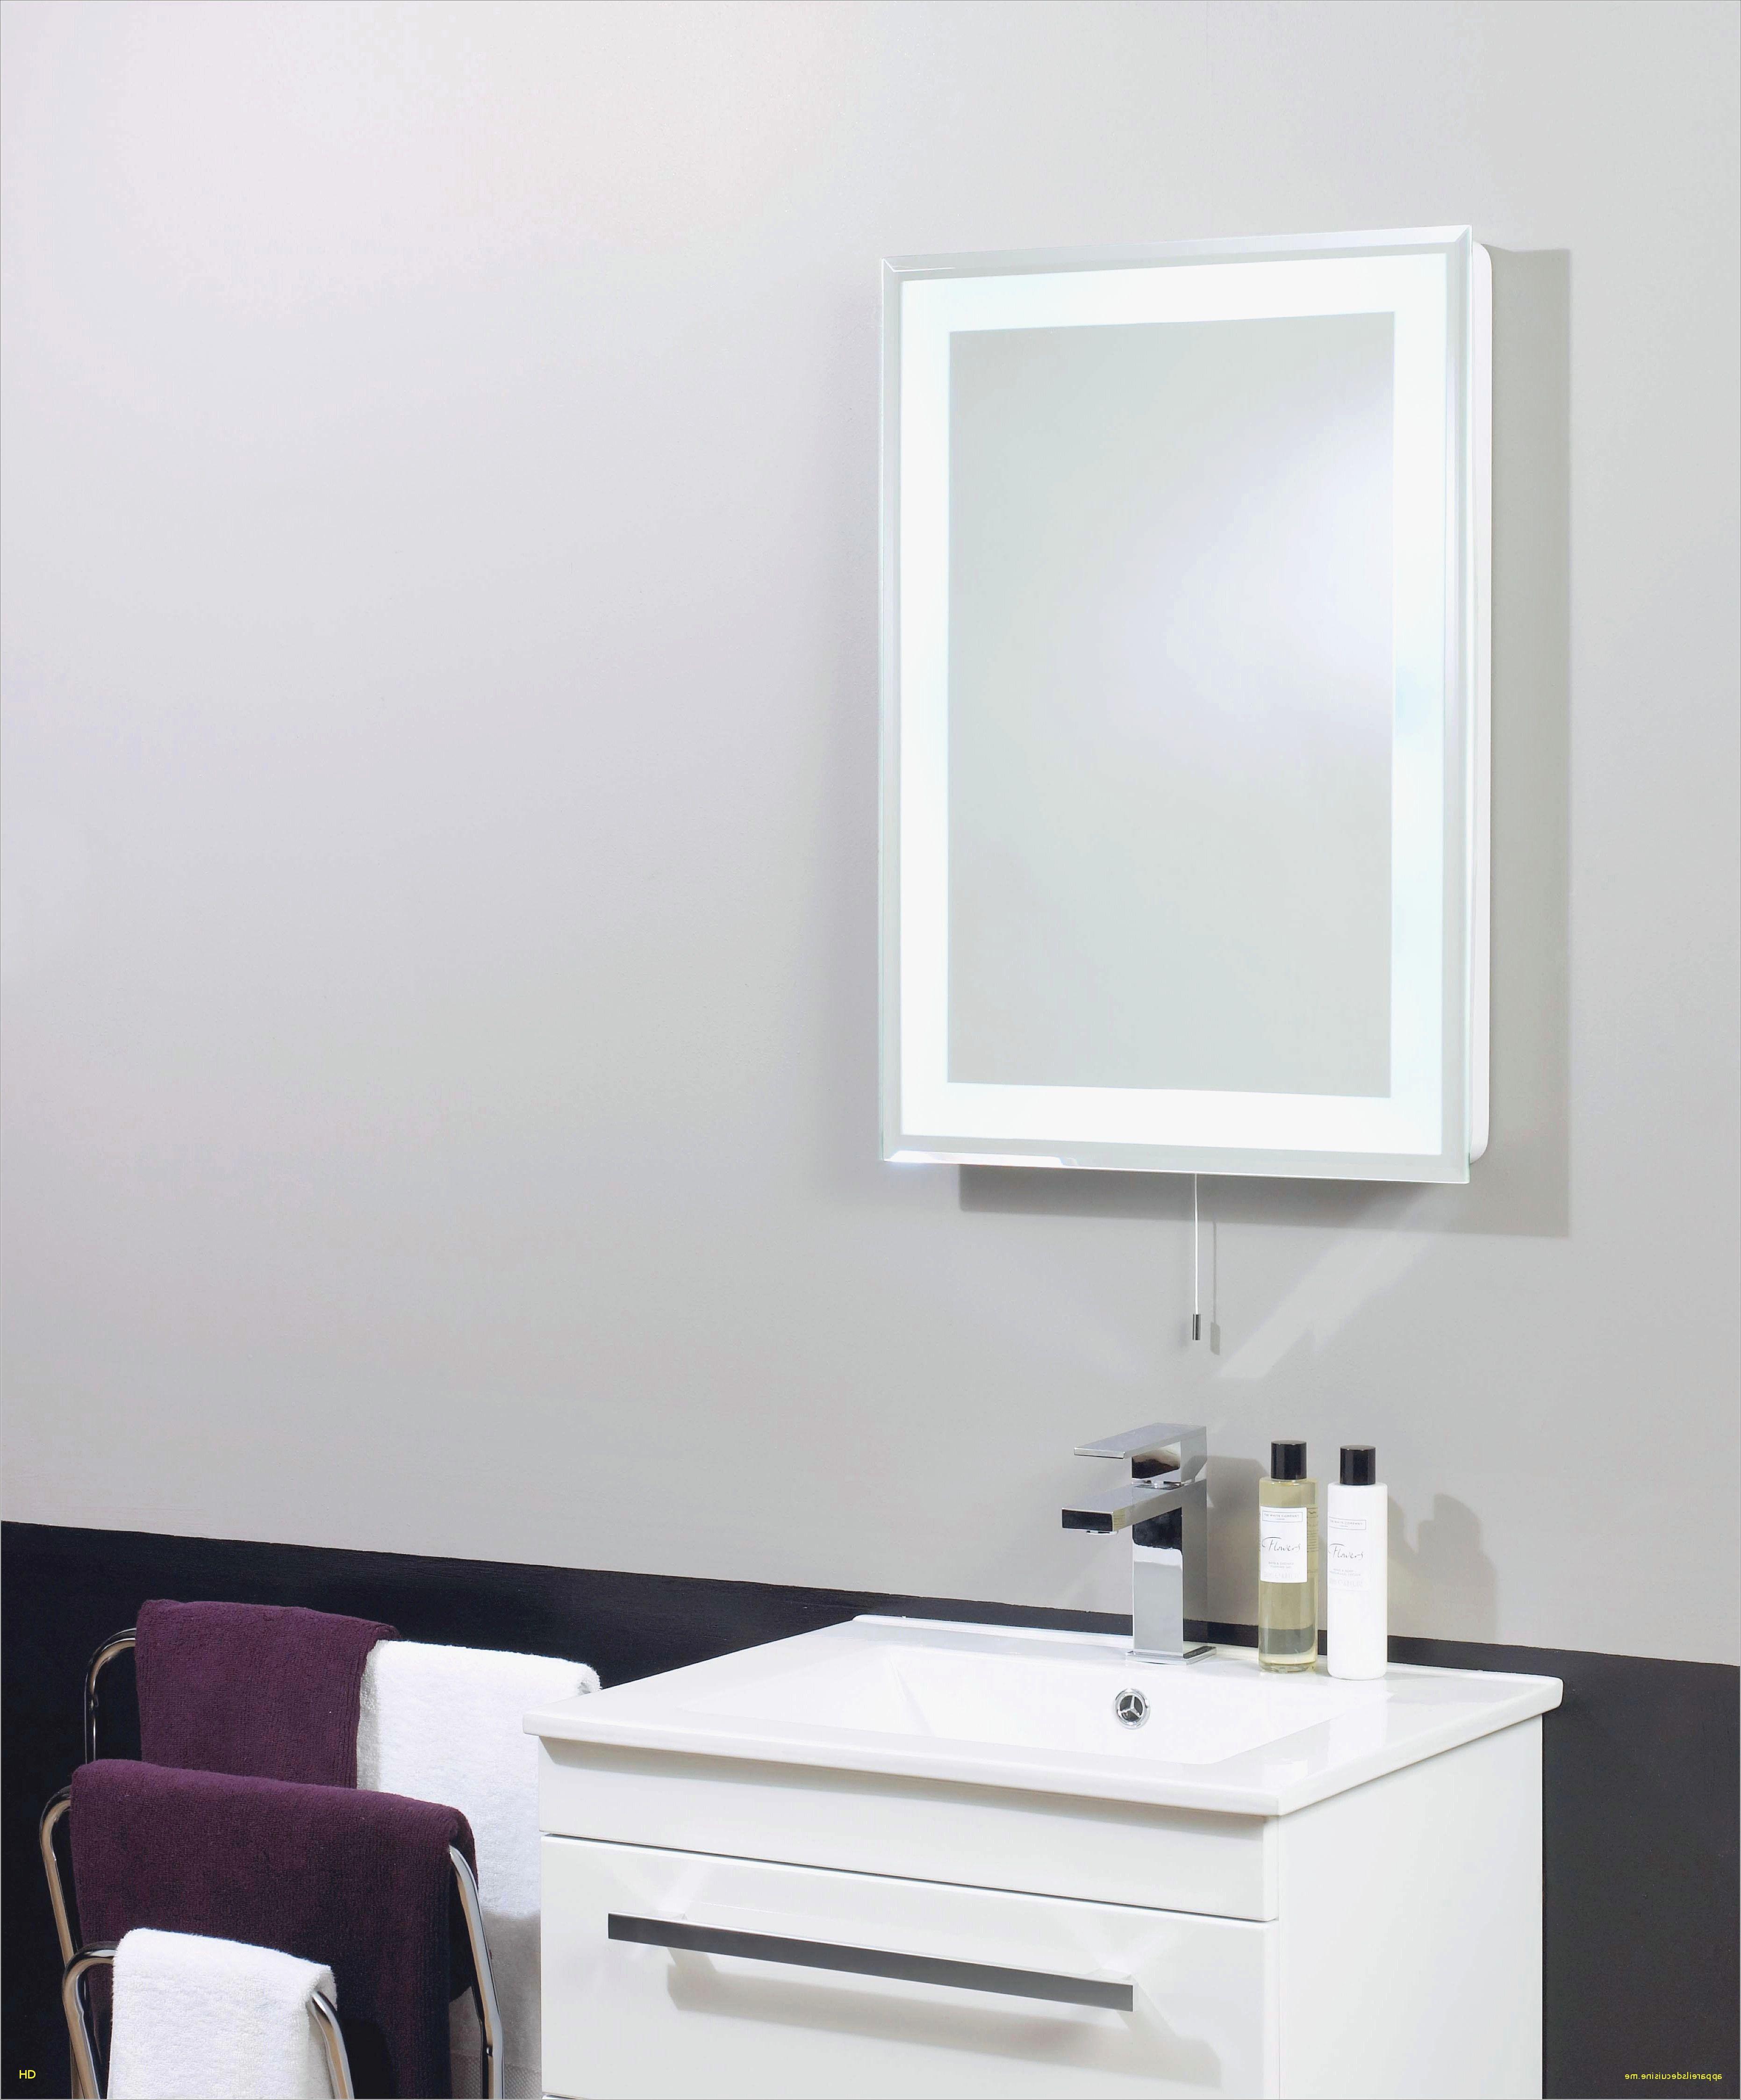 Leroy Merlin Armoire De toilette - Leroy Merlin Armoire De toilette ...